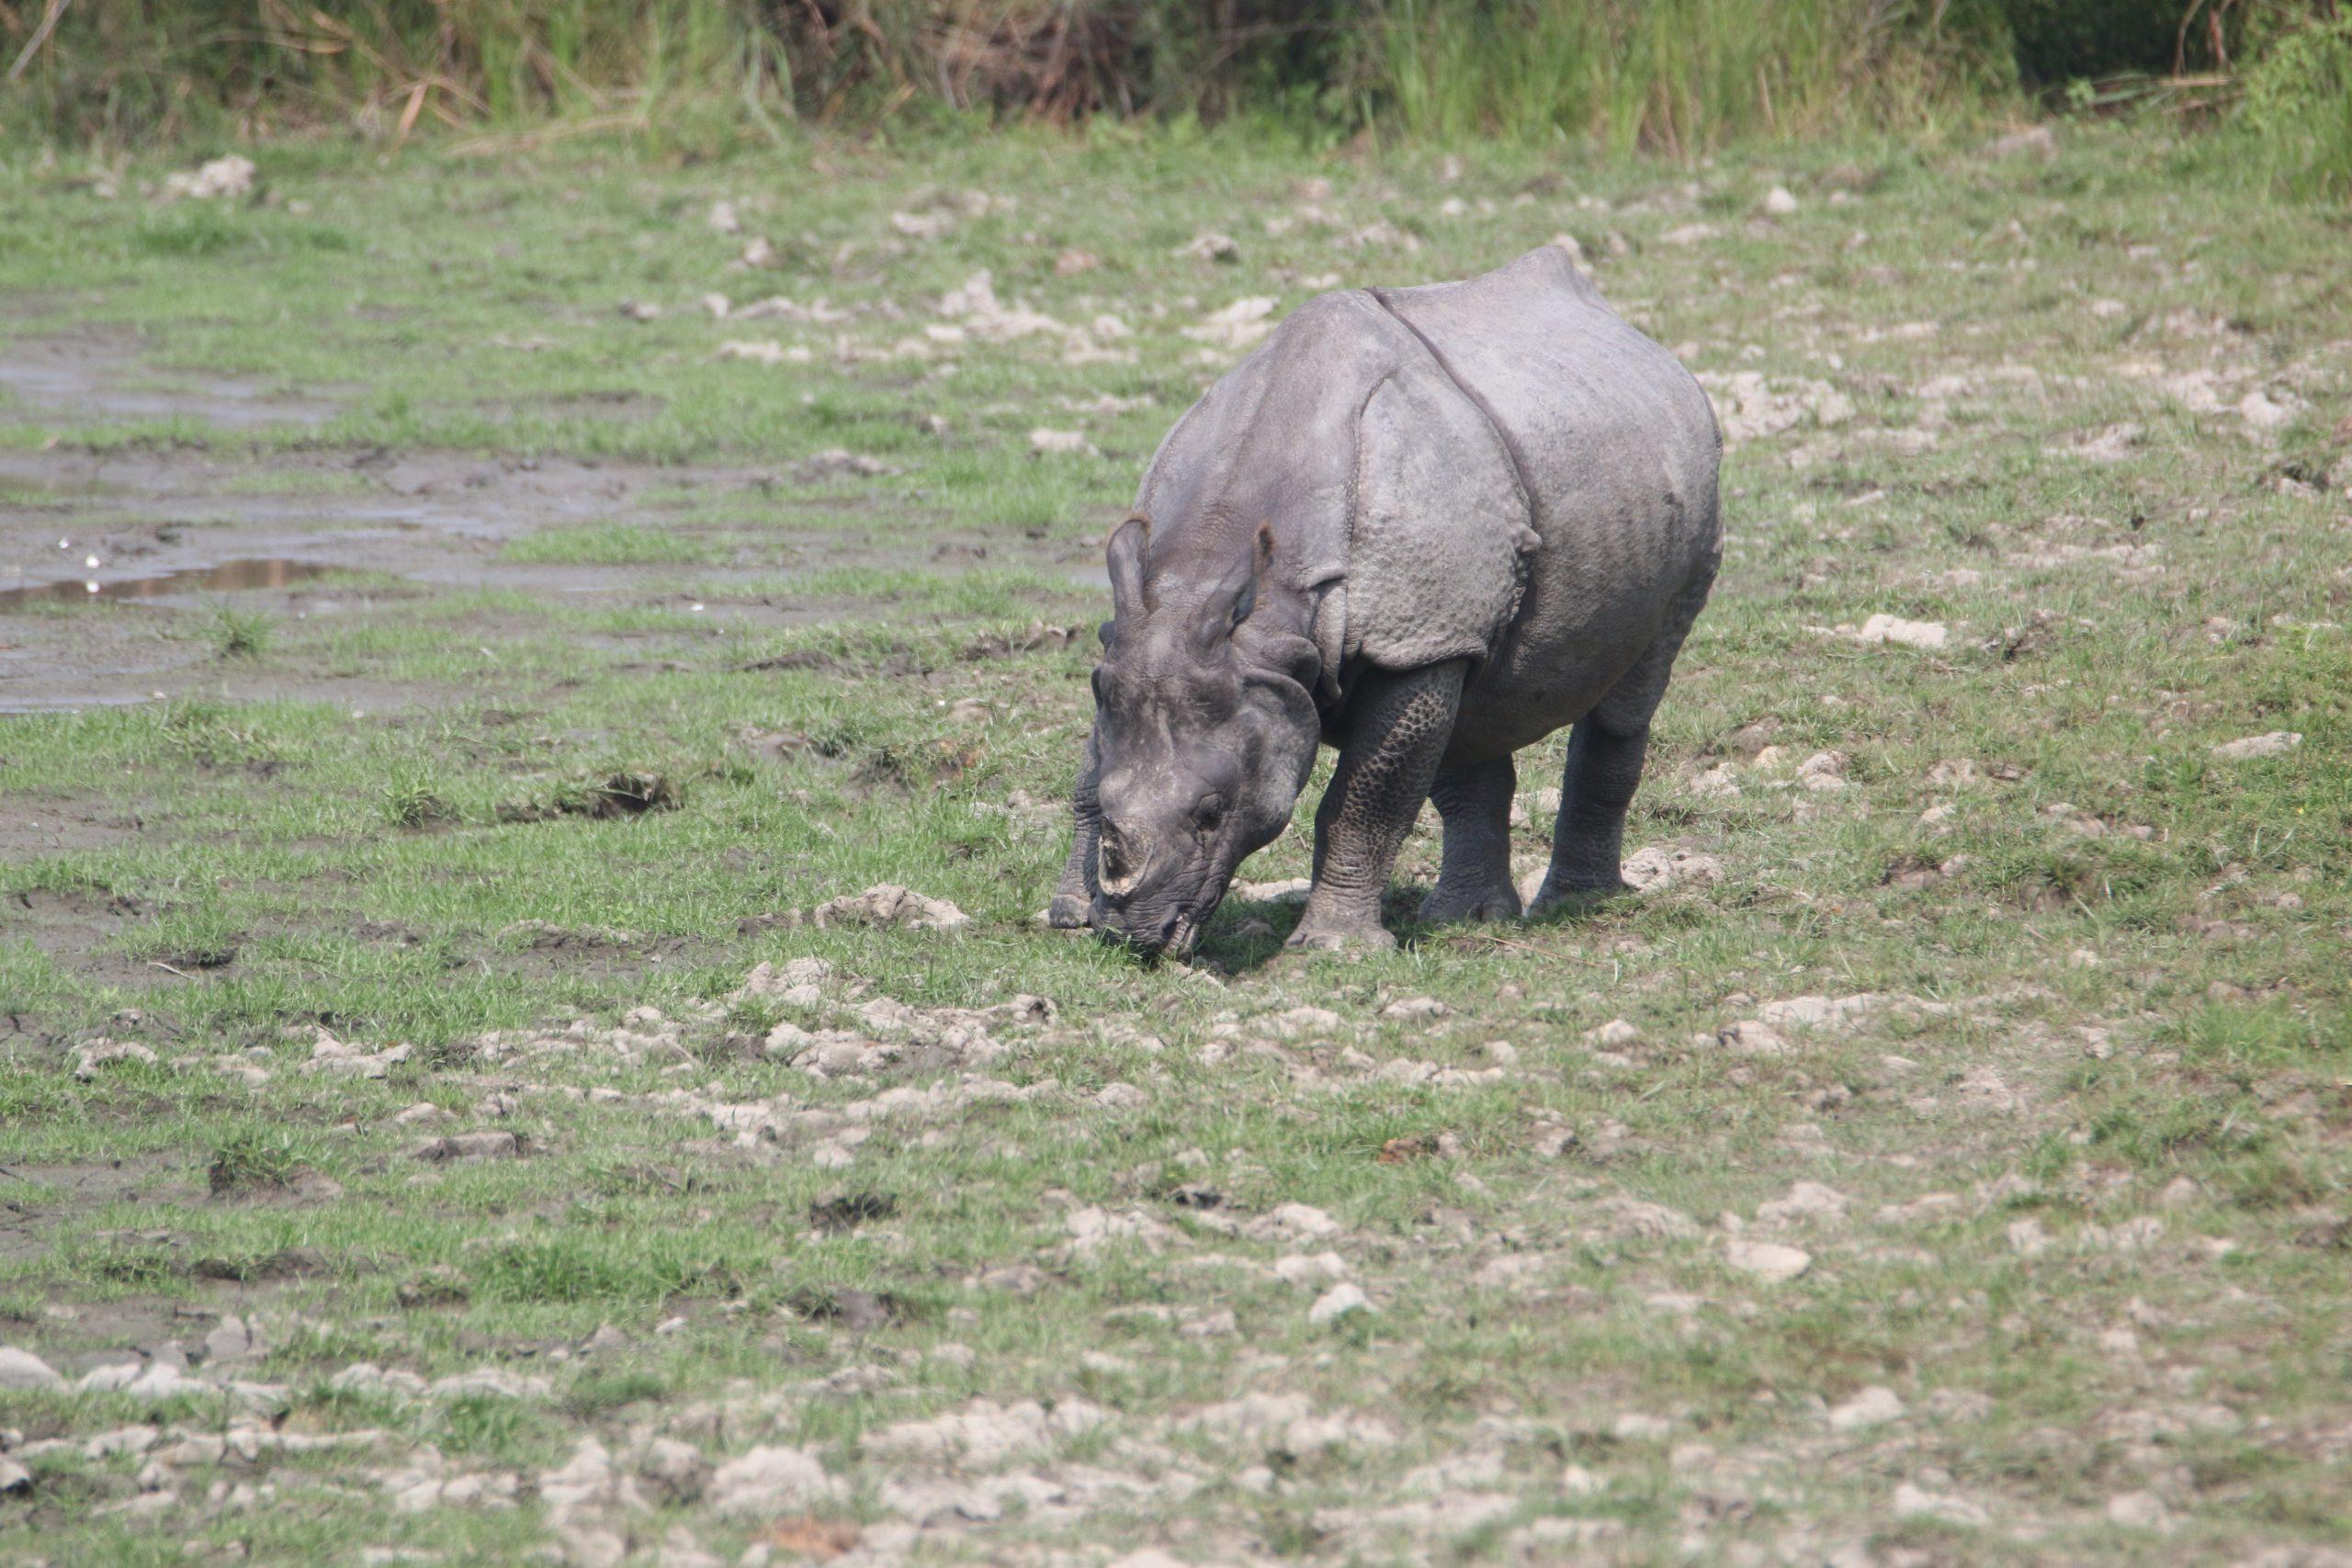 A rhino in a jungle